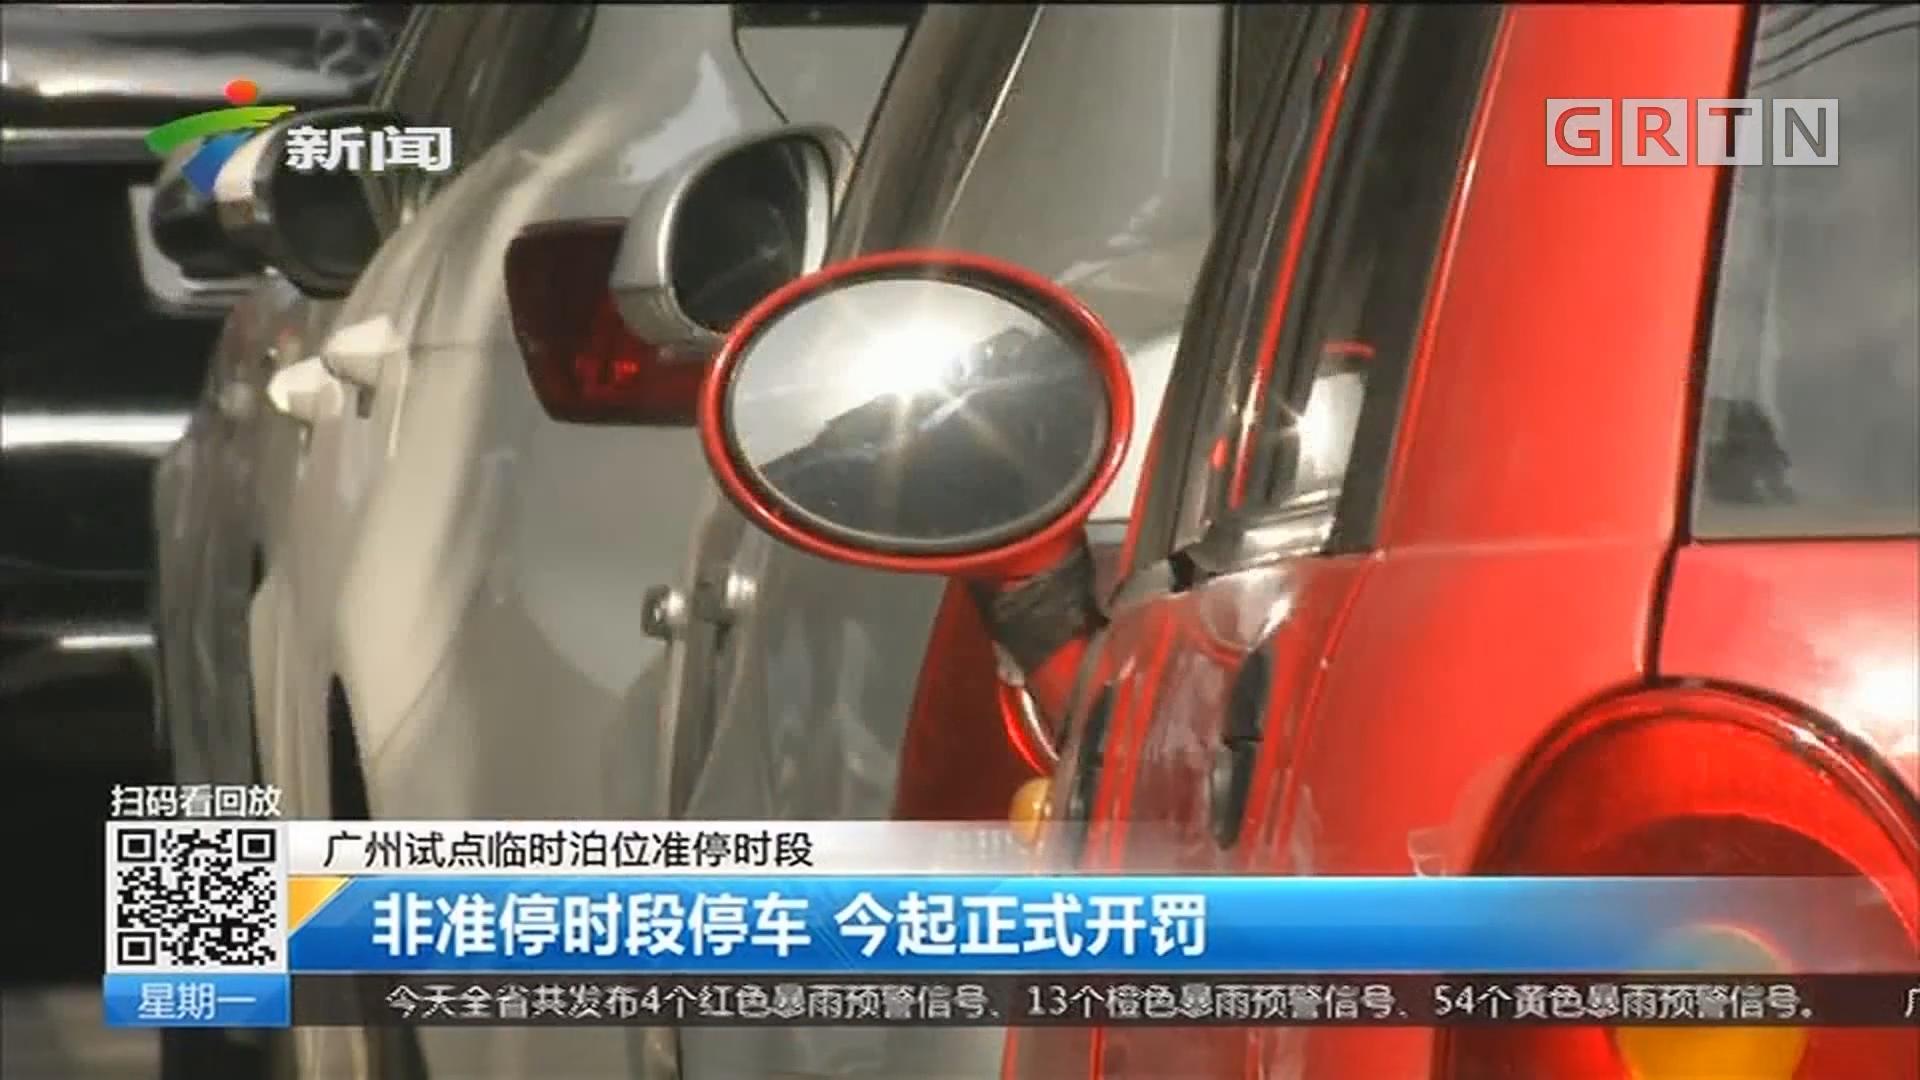 广州试点临时泊位准停时段:非准停时段停车 今起正式开罚